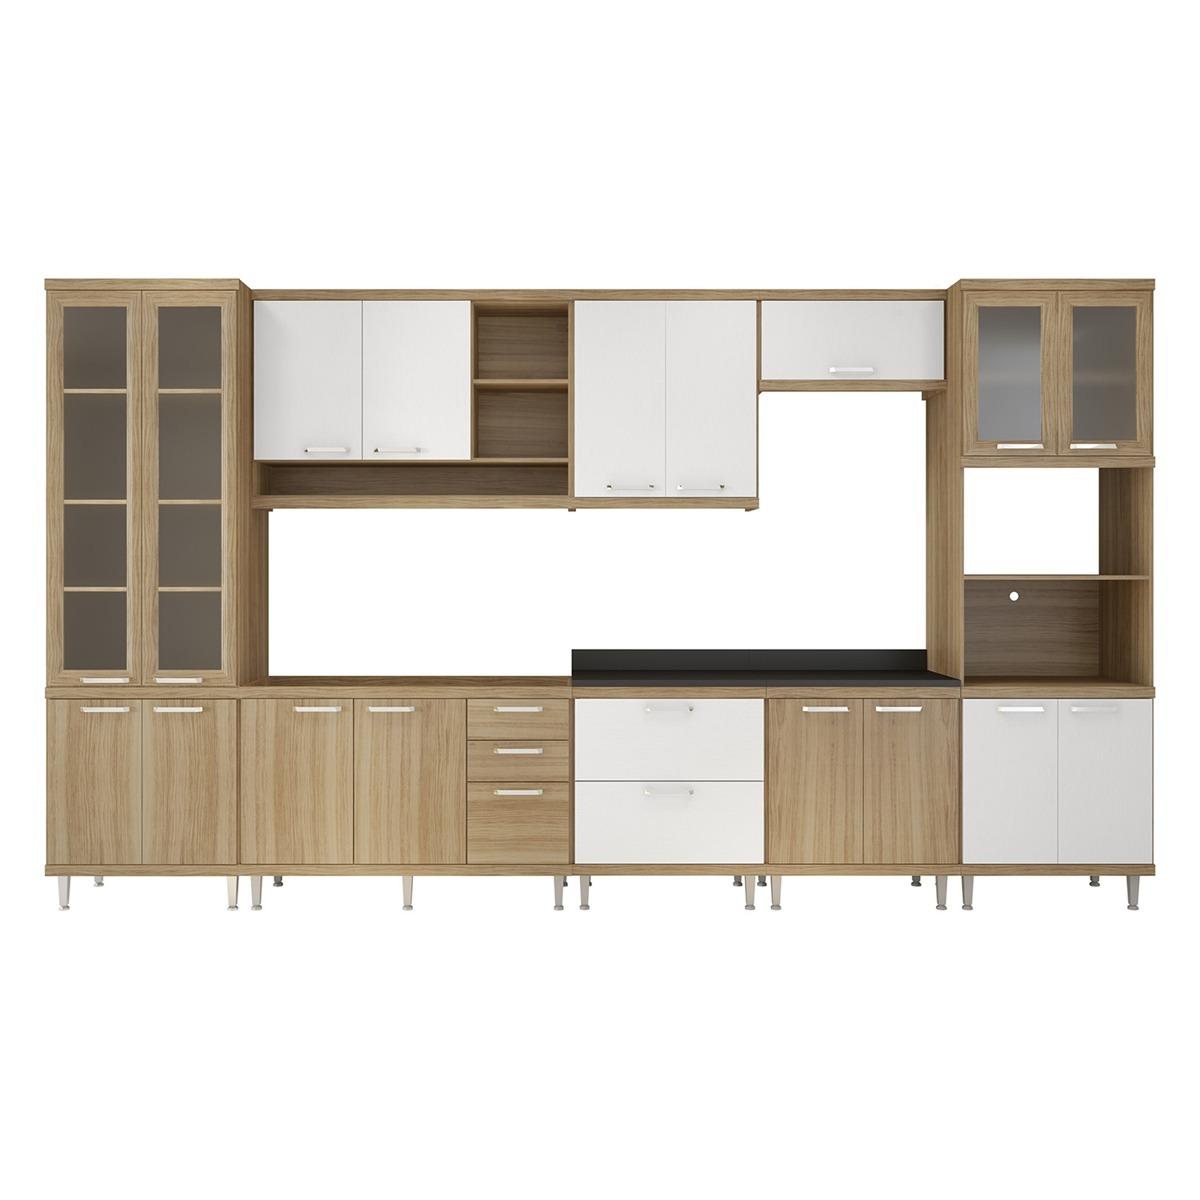 Cozinha Sic Lia 8pe As Argila Acetinada E Branco Multimoveis R